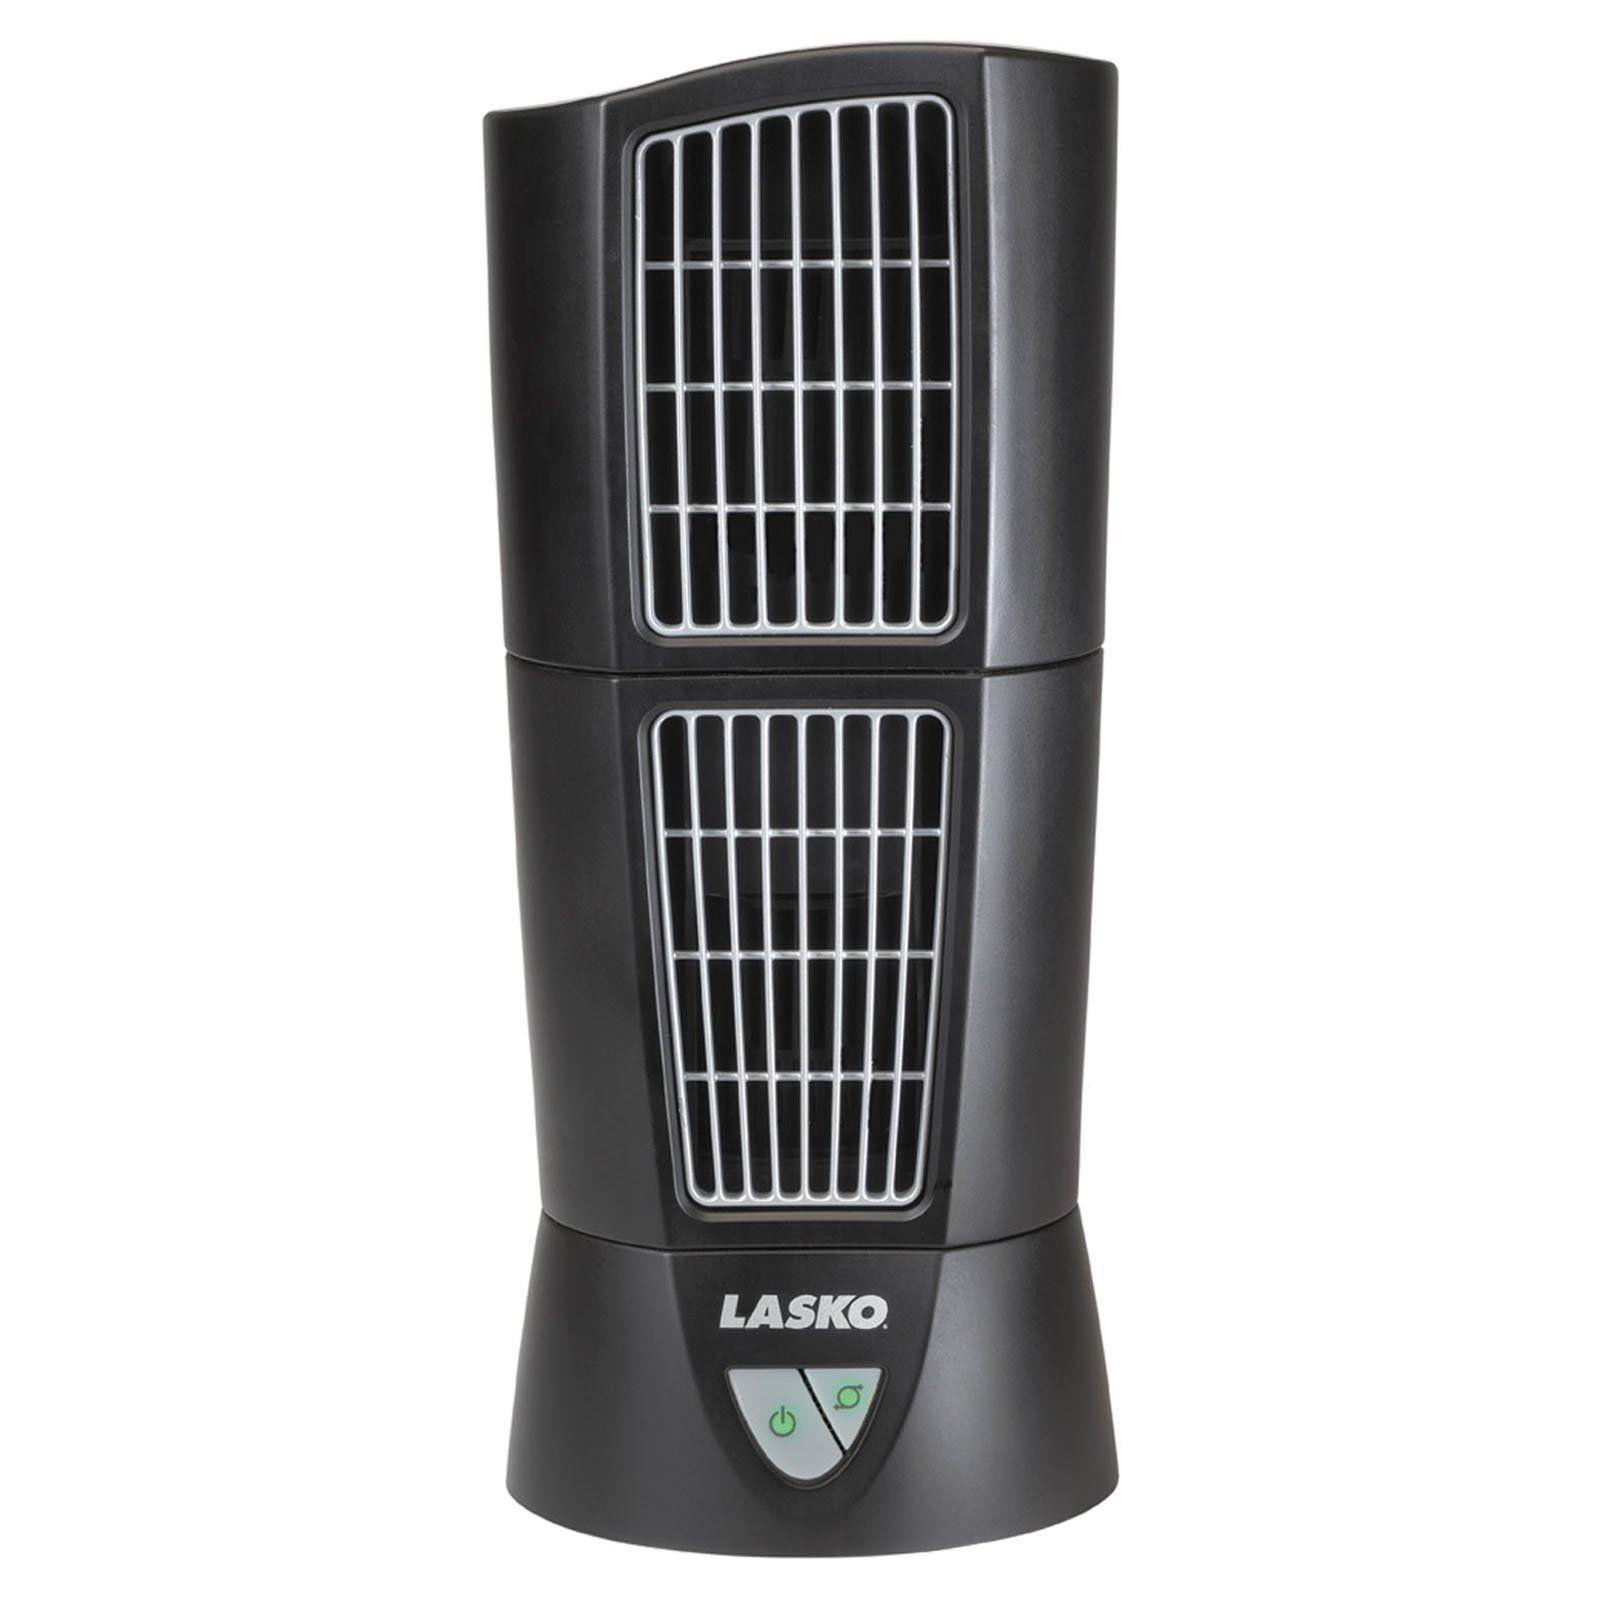 Lasko Desktop Wind Tower Fan Lasko Tower Fan Oscillating Fans